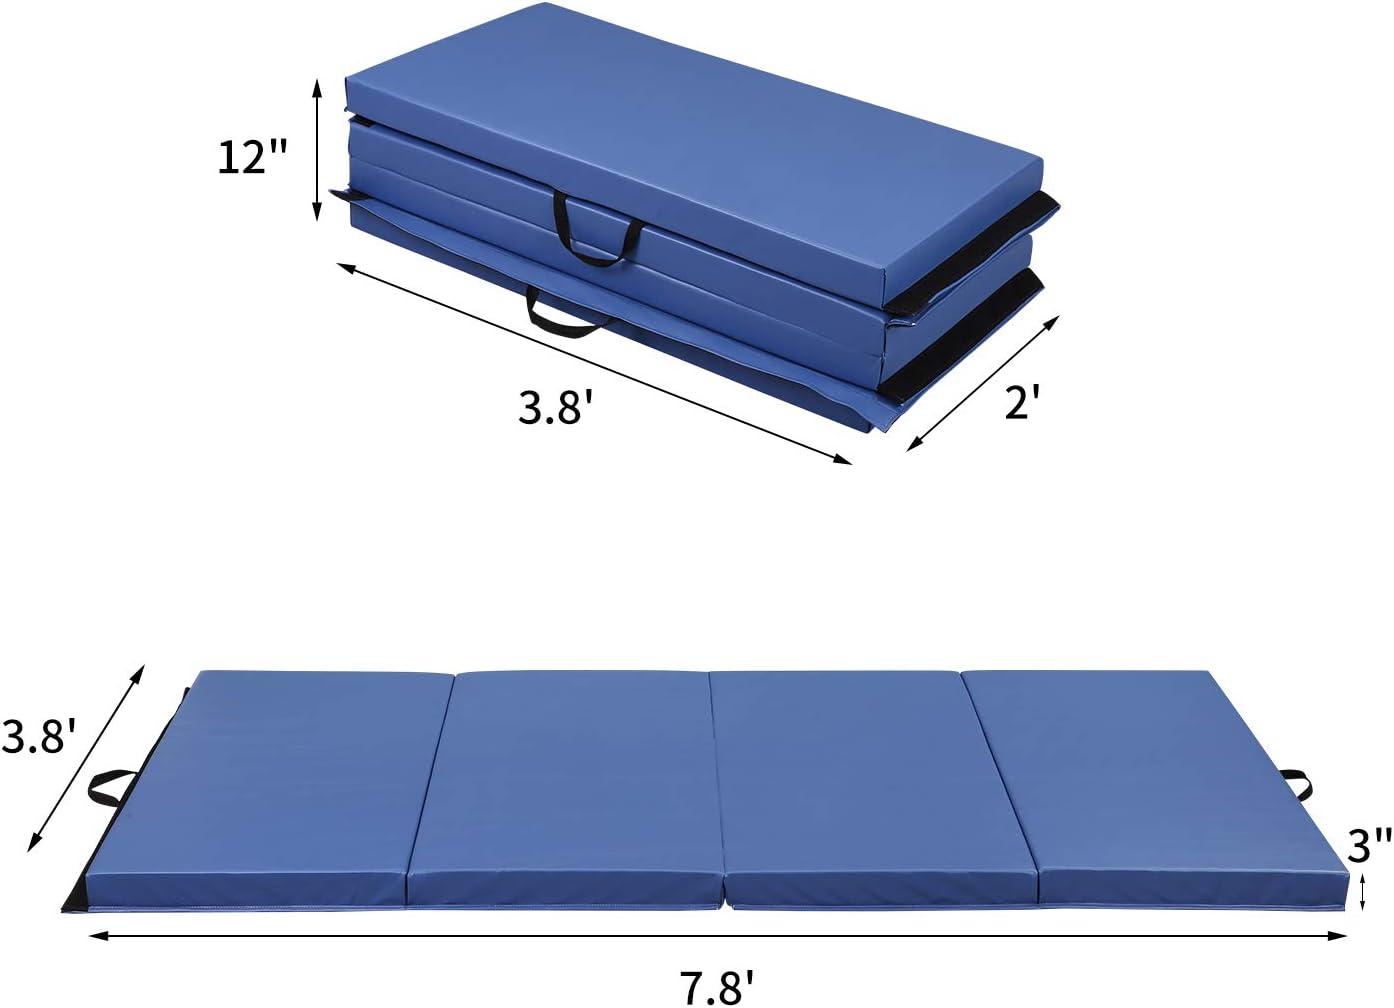 HI-MAT Gymnastics Mat 2 or 3 Thick 4 x 6//4 x 8 Tumbling Mats Folding Exercise Mat with Carrying Handles